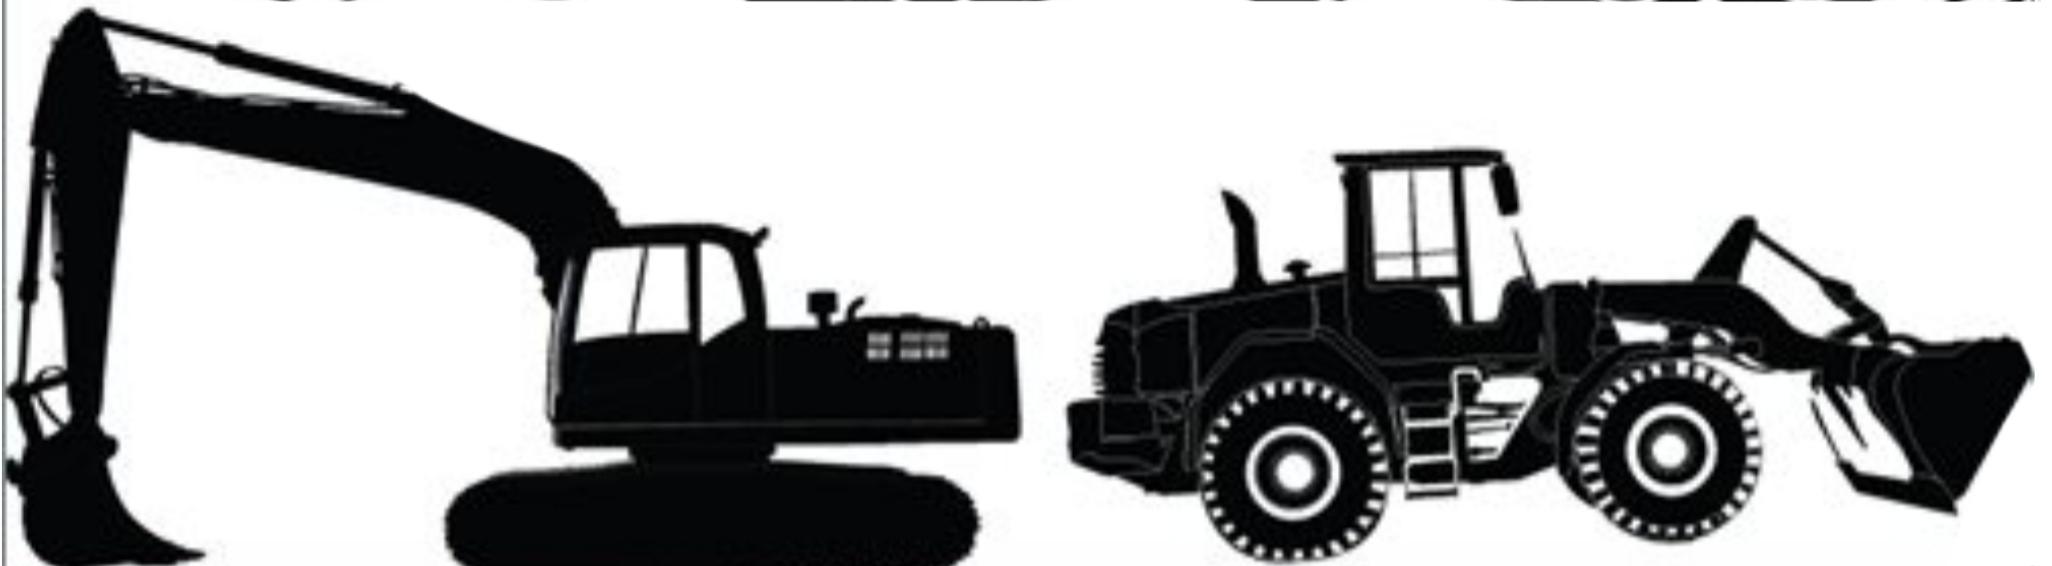 J&C Services  image